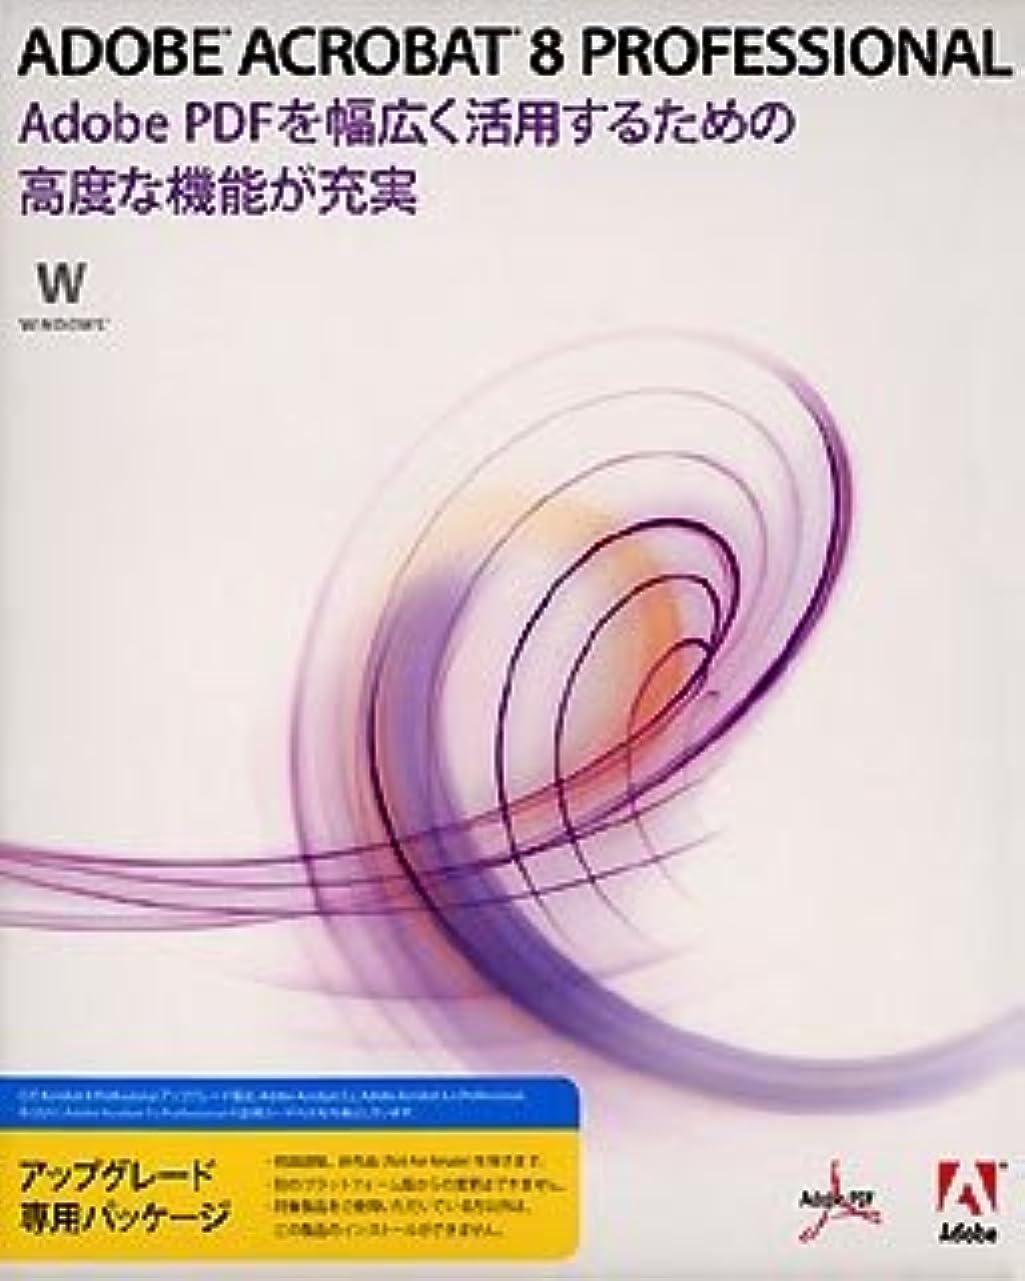 へこみほのめかすヒットAcrobat Professional 8 日本語版 WIN Upgrade PRO-PRO